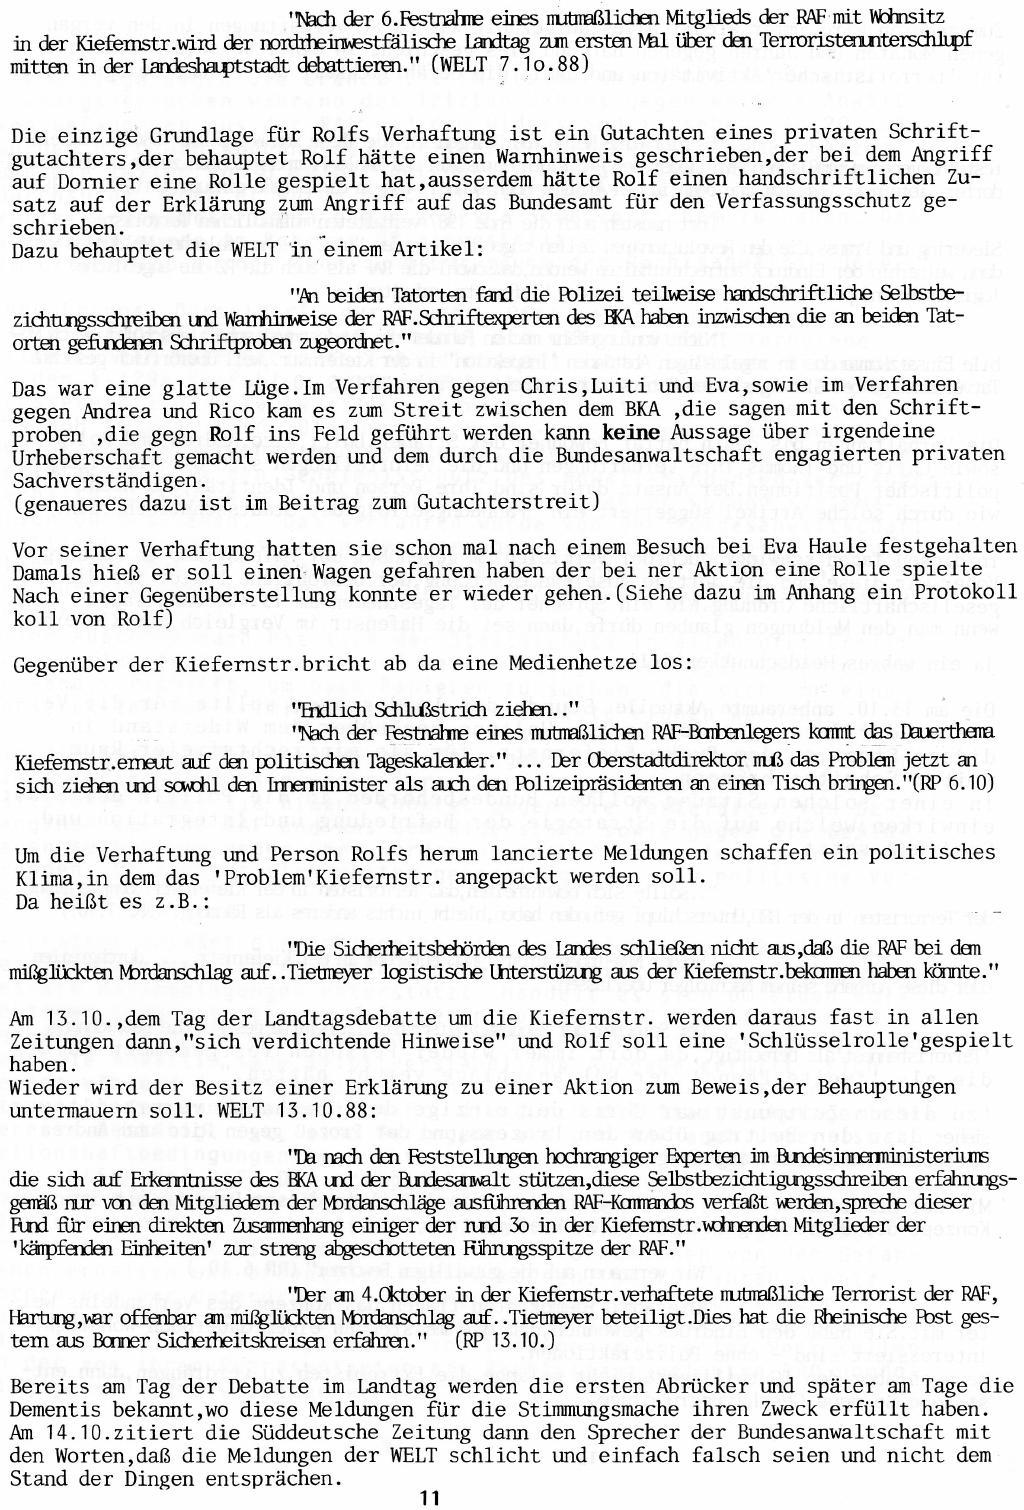 Duesseldorf_1989_Sechs_Politische_Gefangene_011